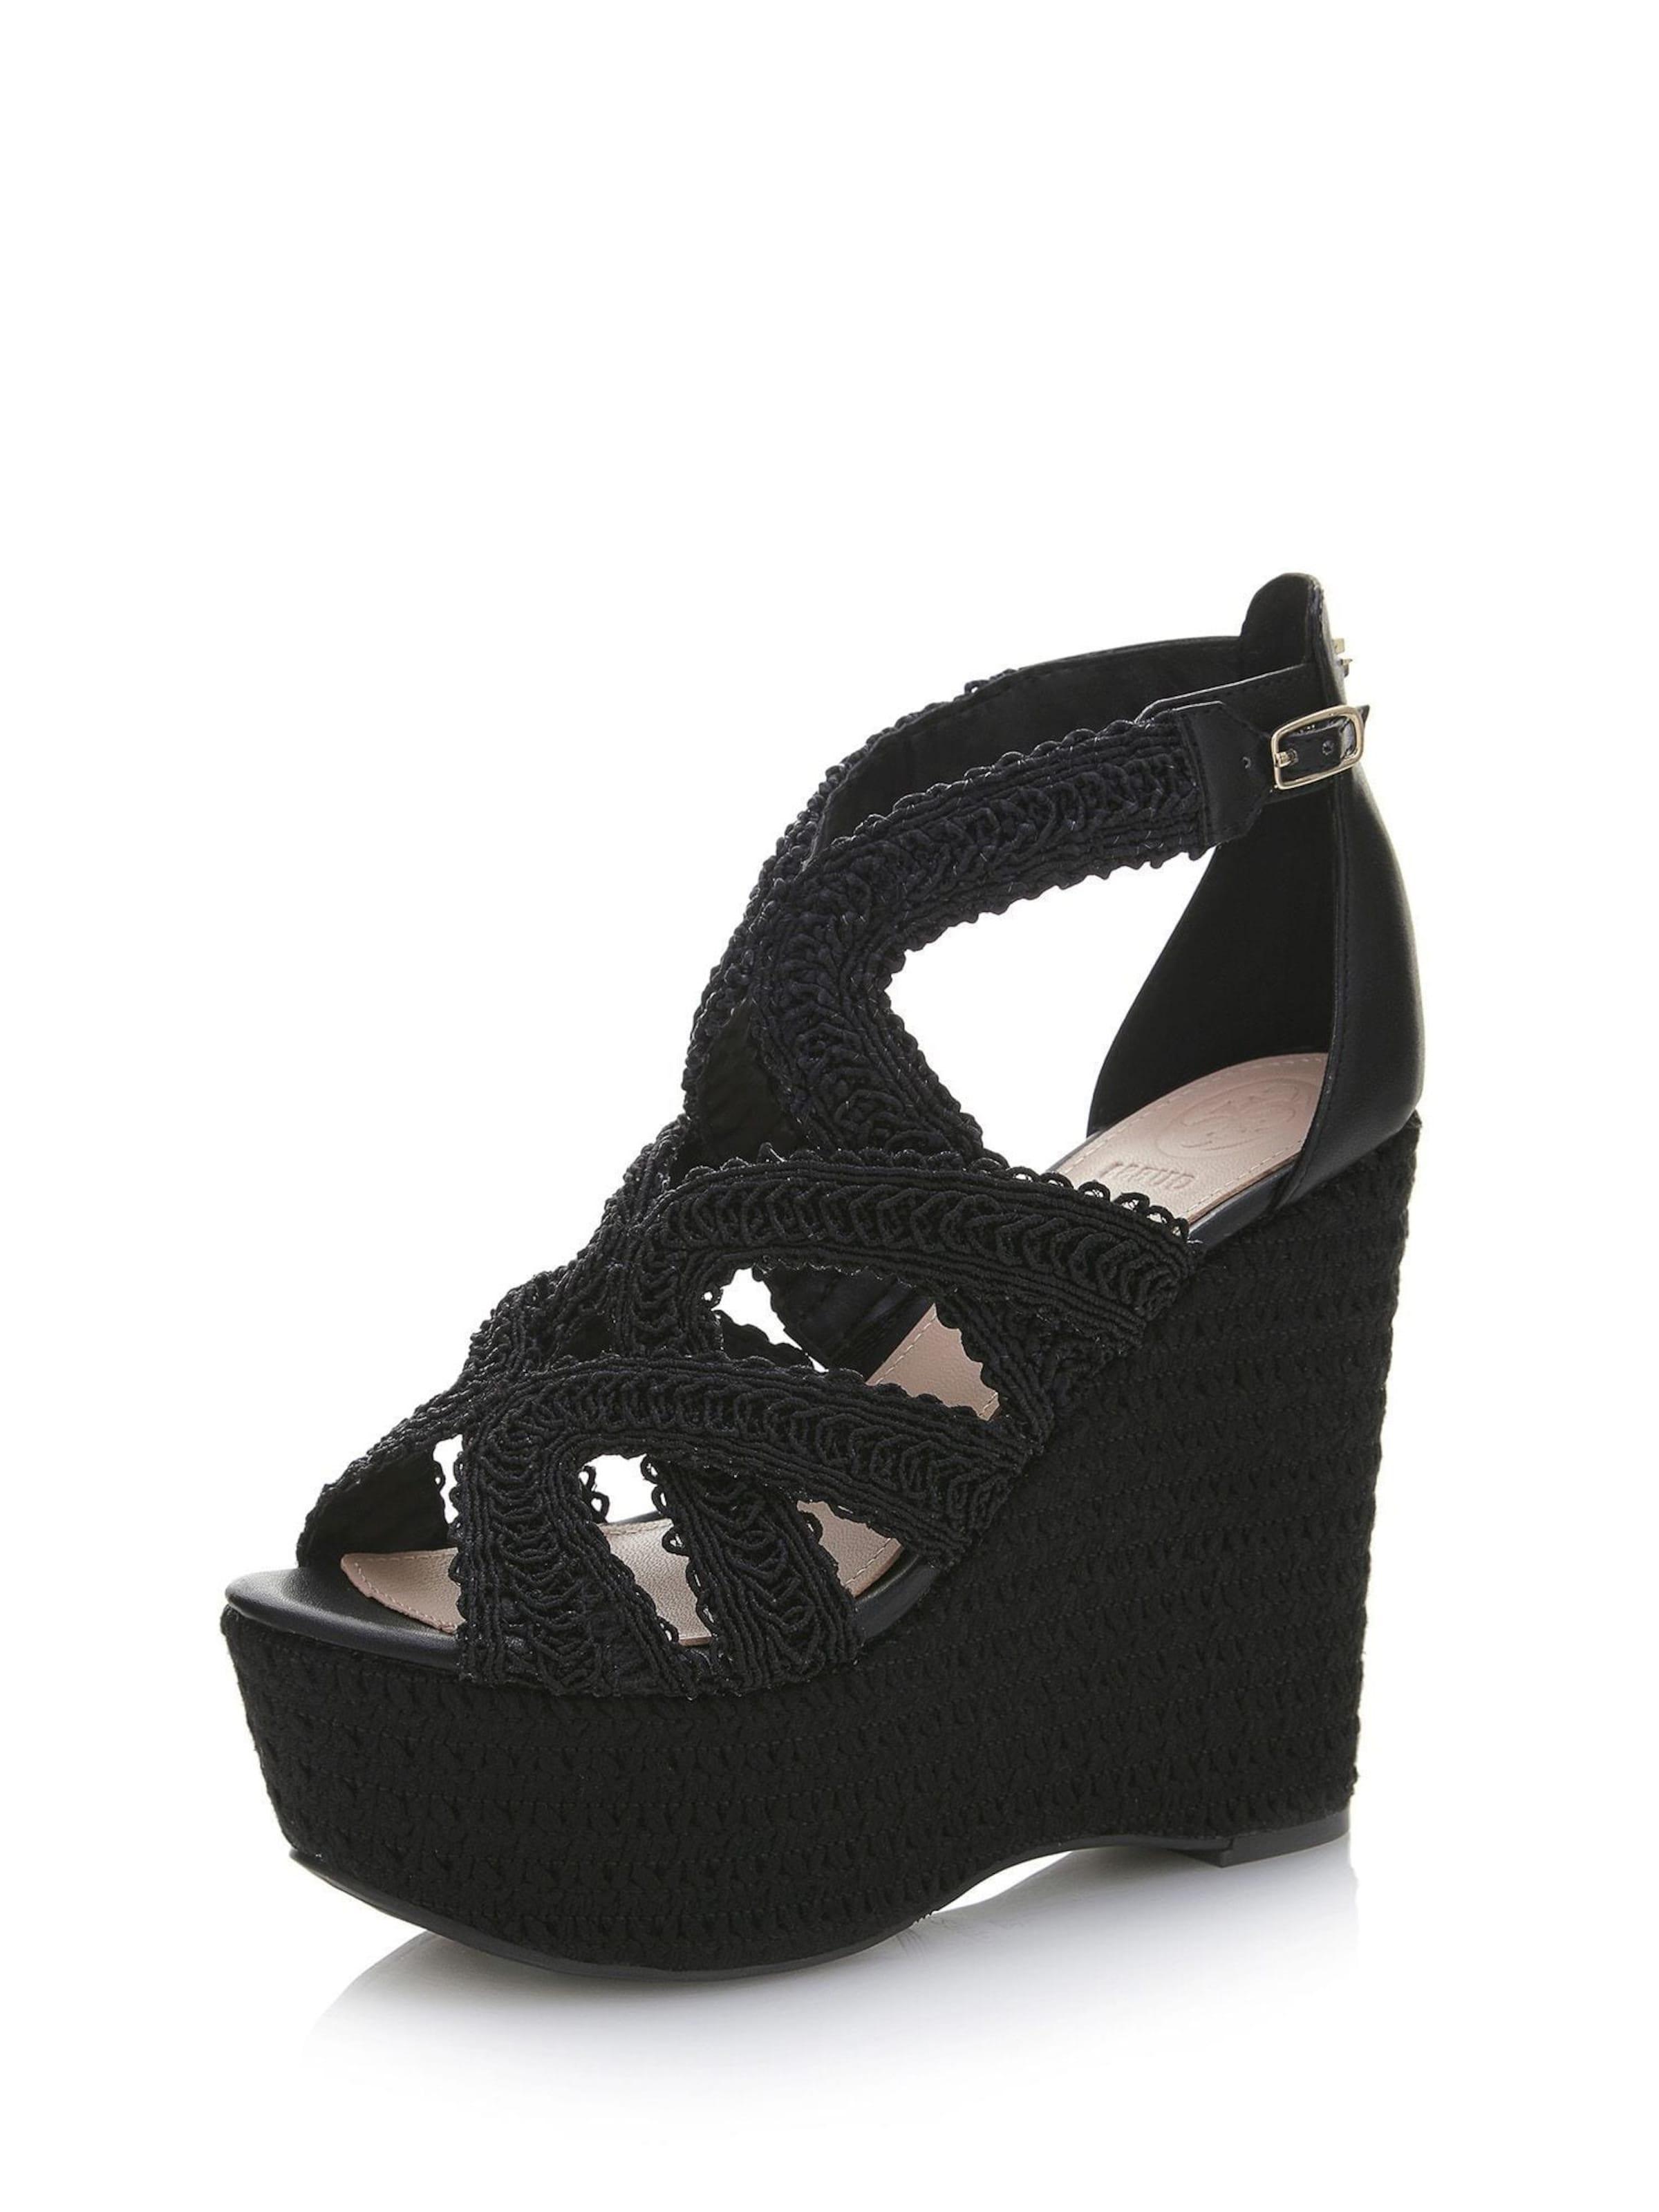 GUESS Wedges EDETTA Verschleißfeste billige Schuhe